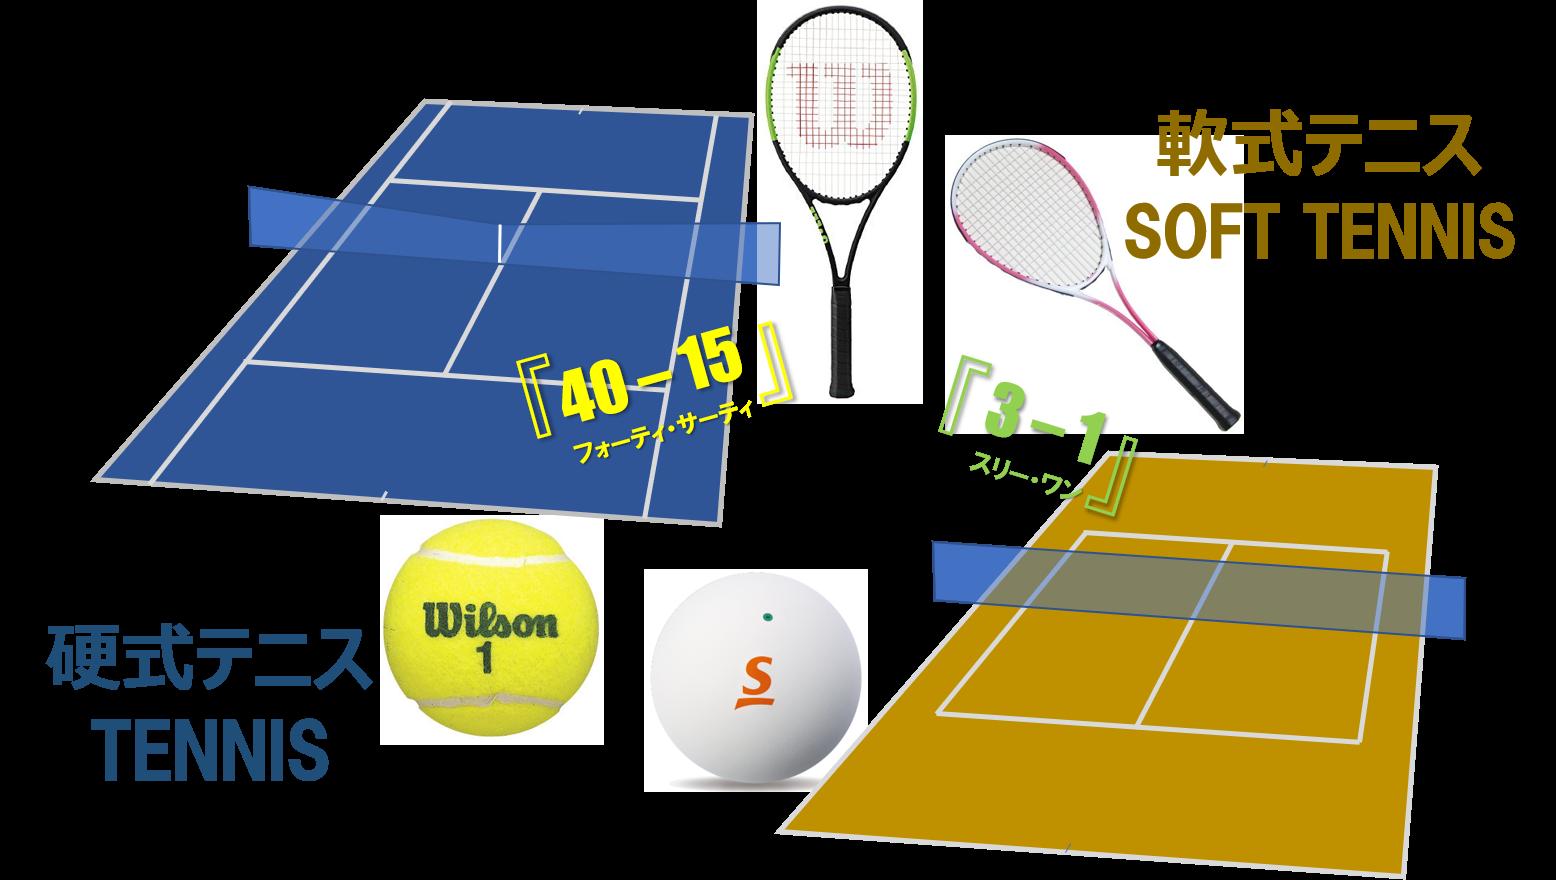 硬式、軟式テニスのコートと用具